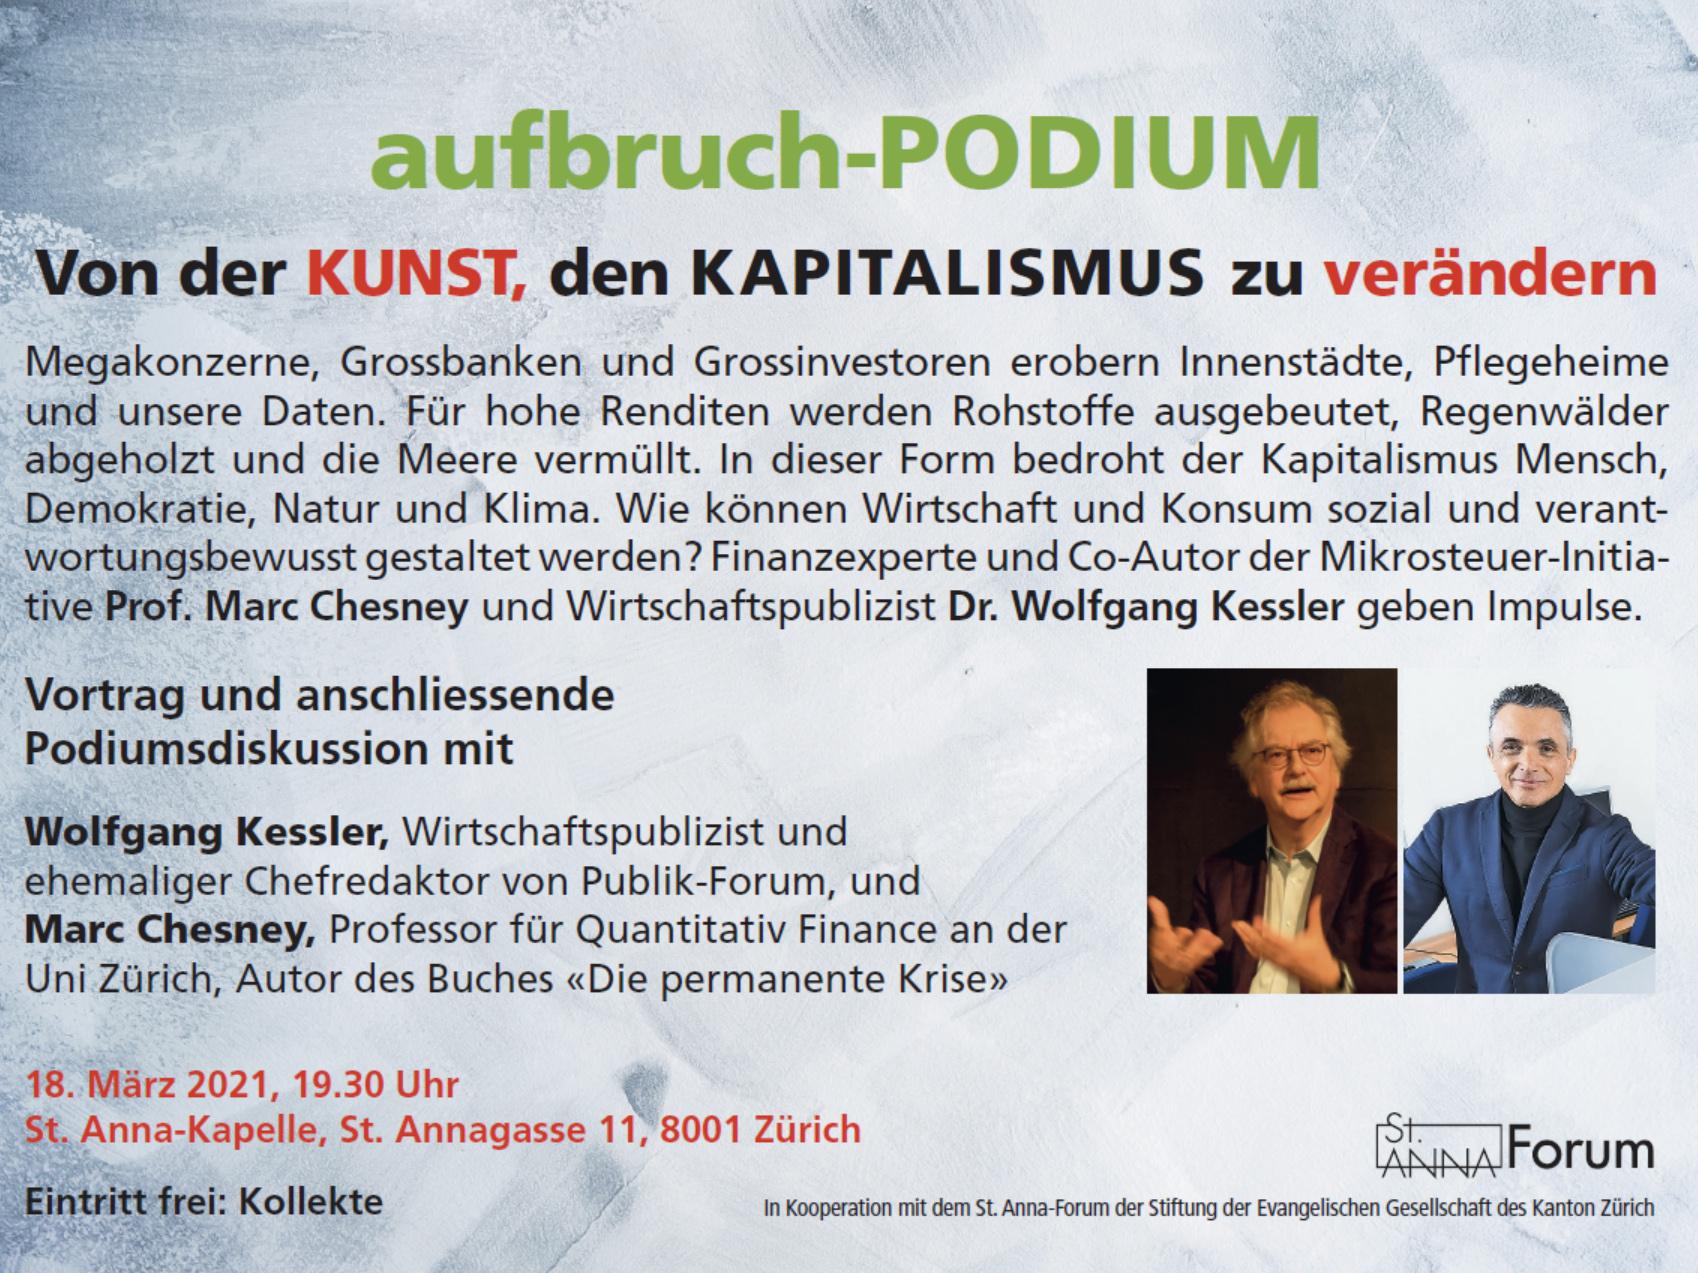 Von der KUNST, den KAPITALISMUS zu verändern @ St. Anna-Kapelle, Zürich